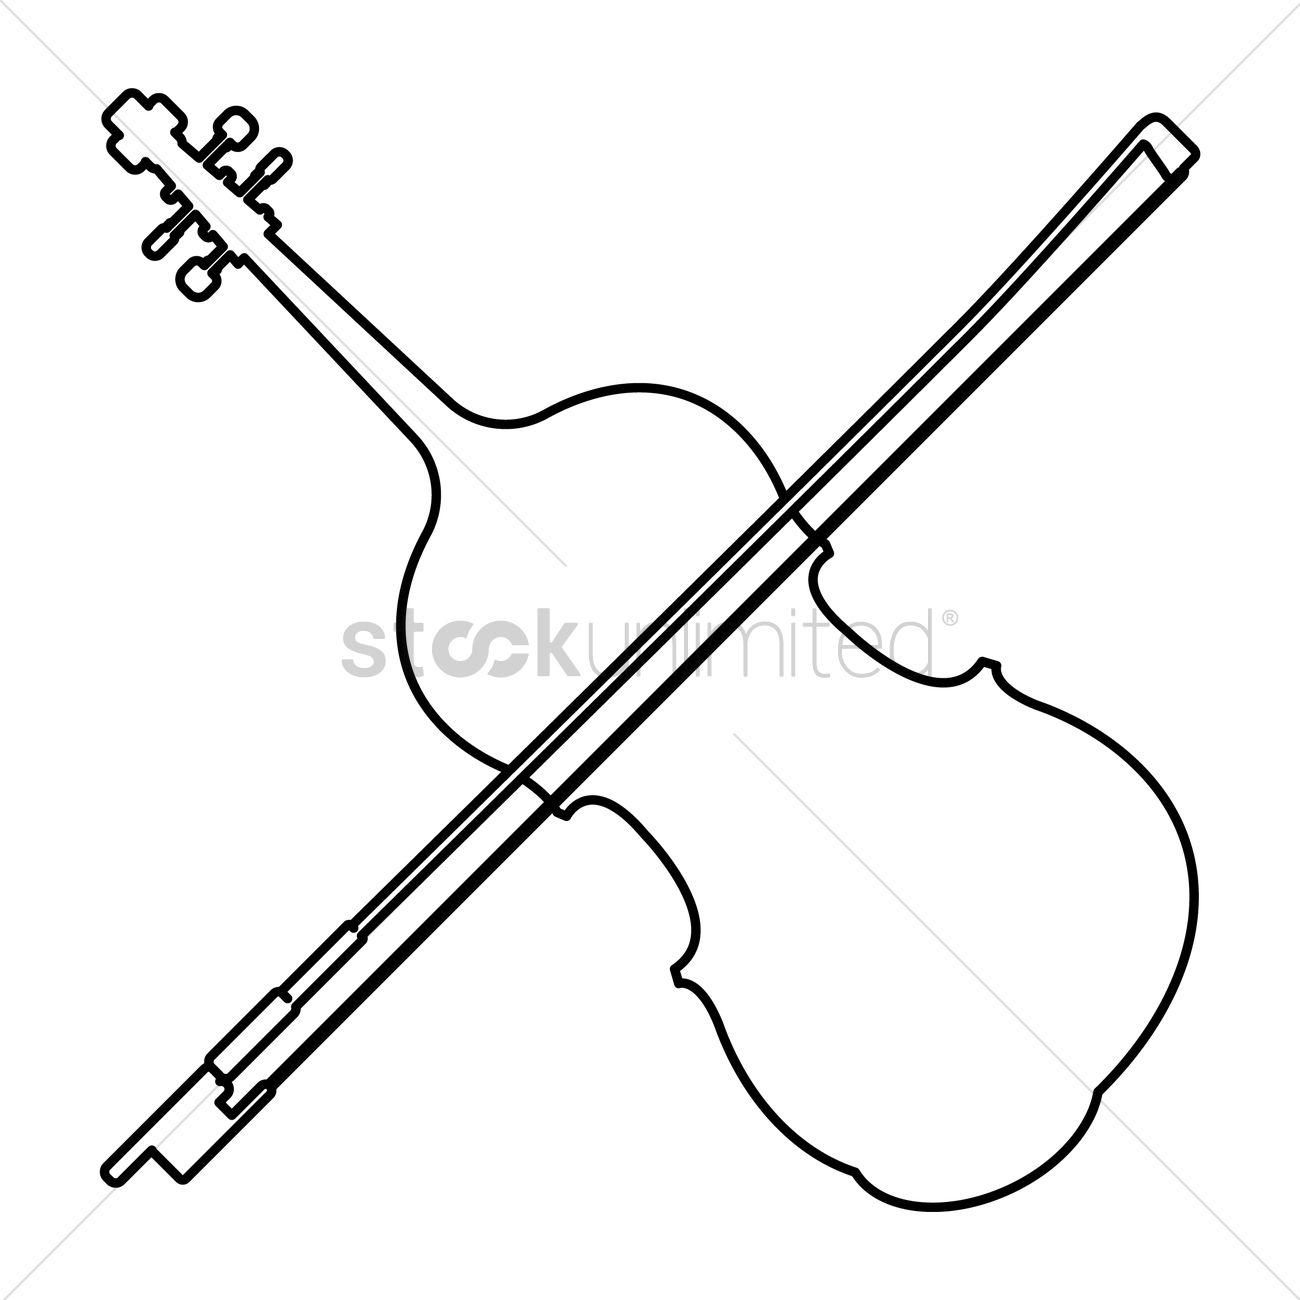 1300x1300 Drawingviolininstrumentmusicbow Coloring. Violin Icon Outline